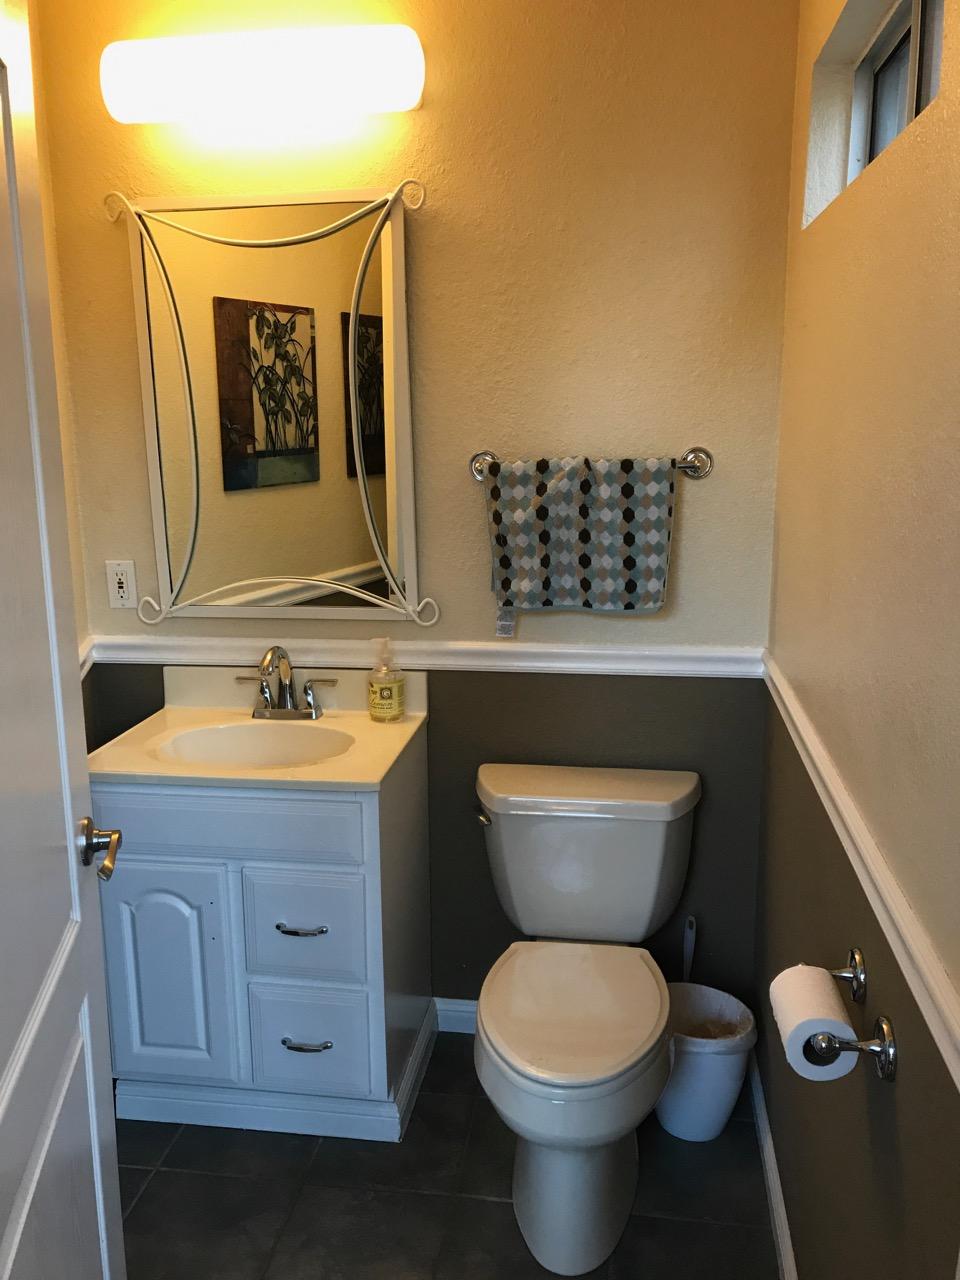 bathroom renovation for under 1k before